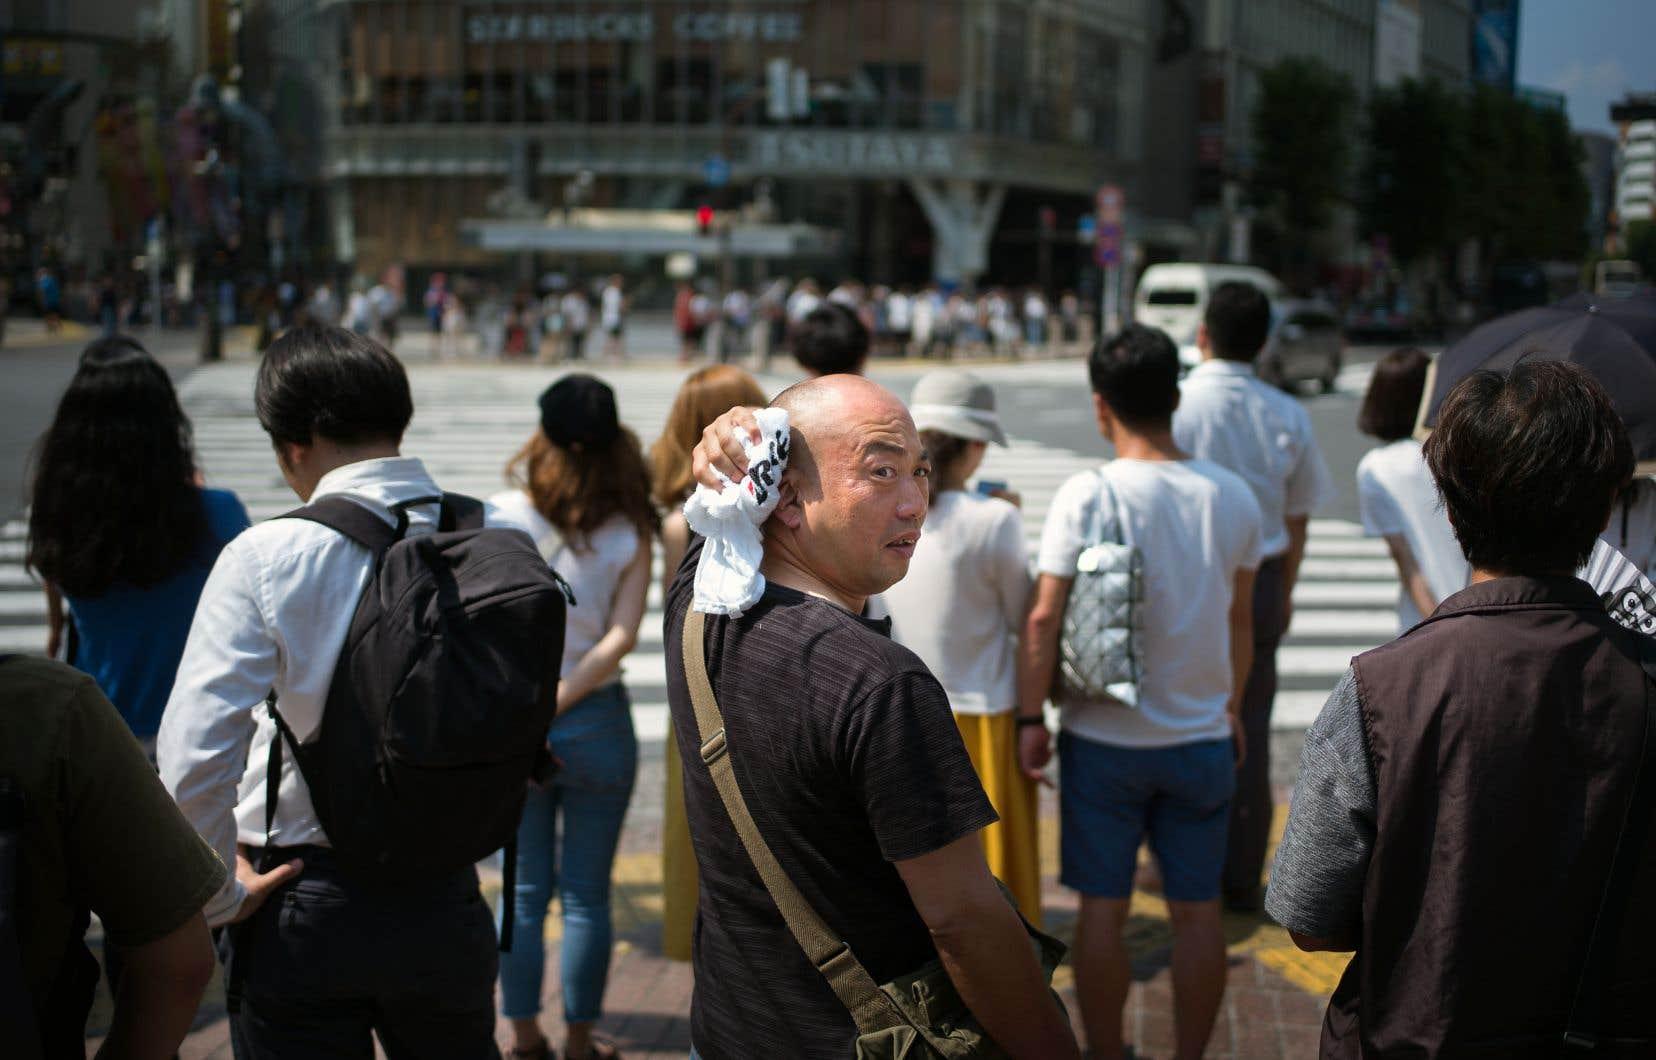 Un homme s'épongeant le cou à une intersection de Tokyo, le 24juillet dernier, alors que le Japon traversait une vague de chaleur qui a fait plus d'une soixantaine de morts.